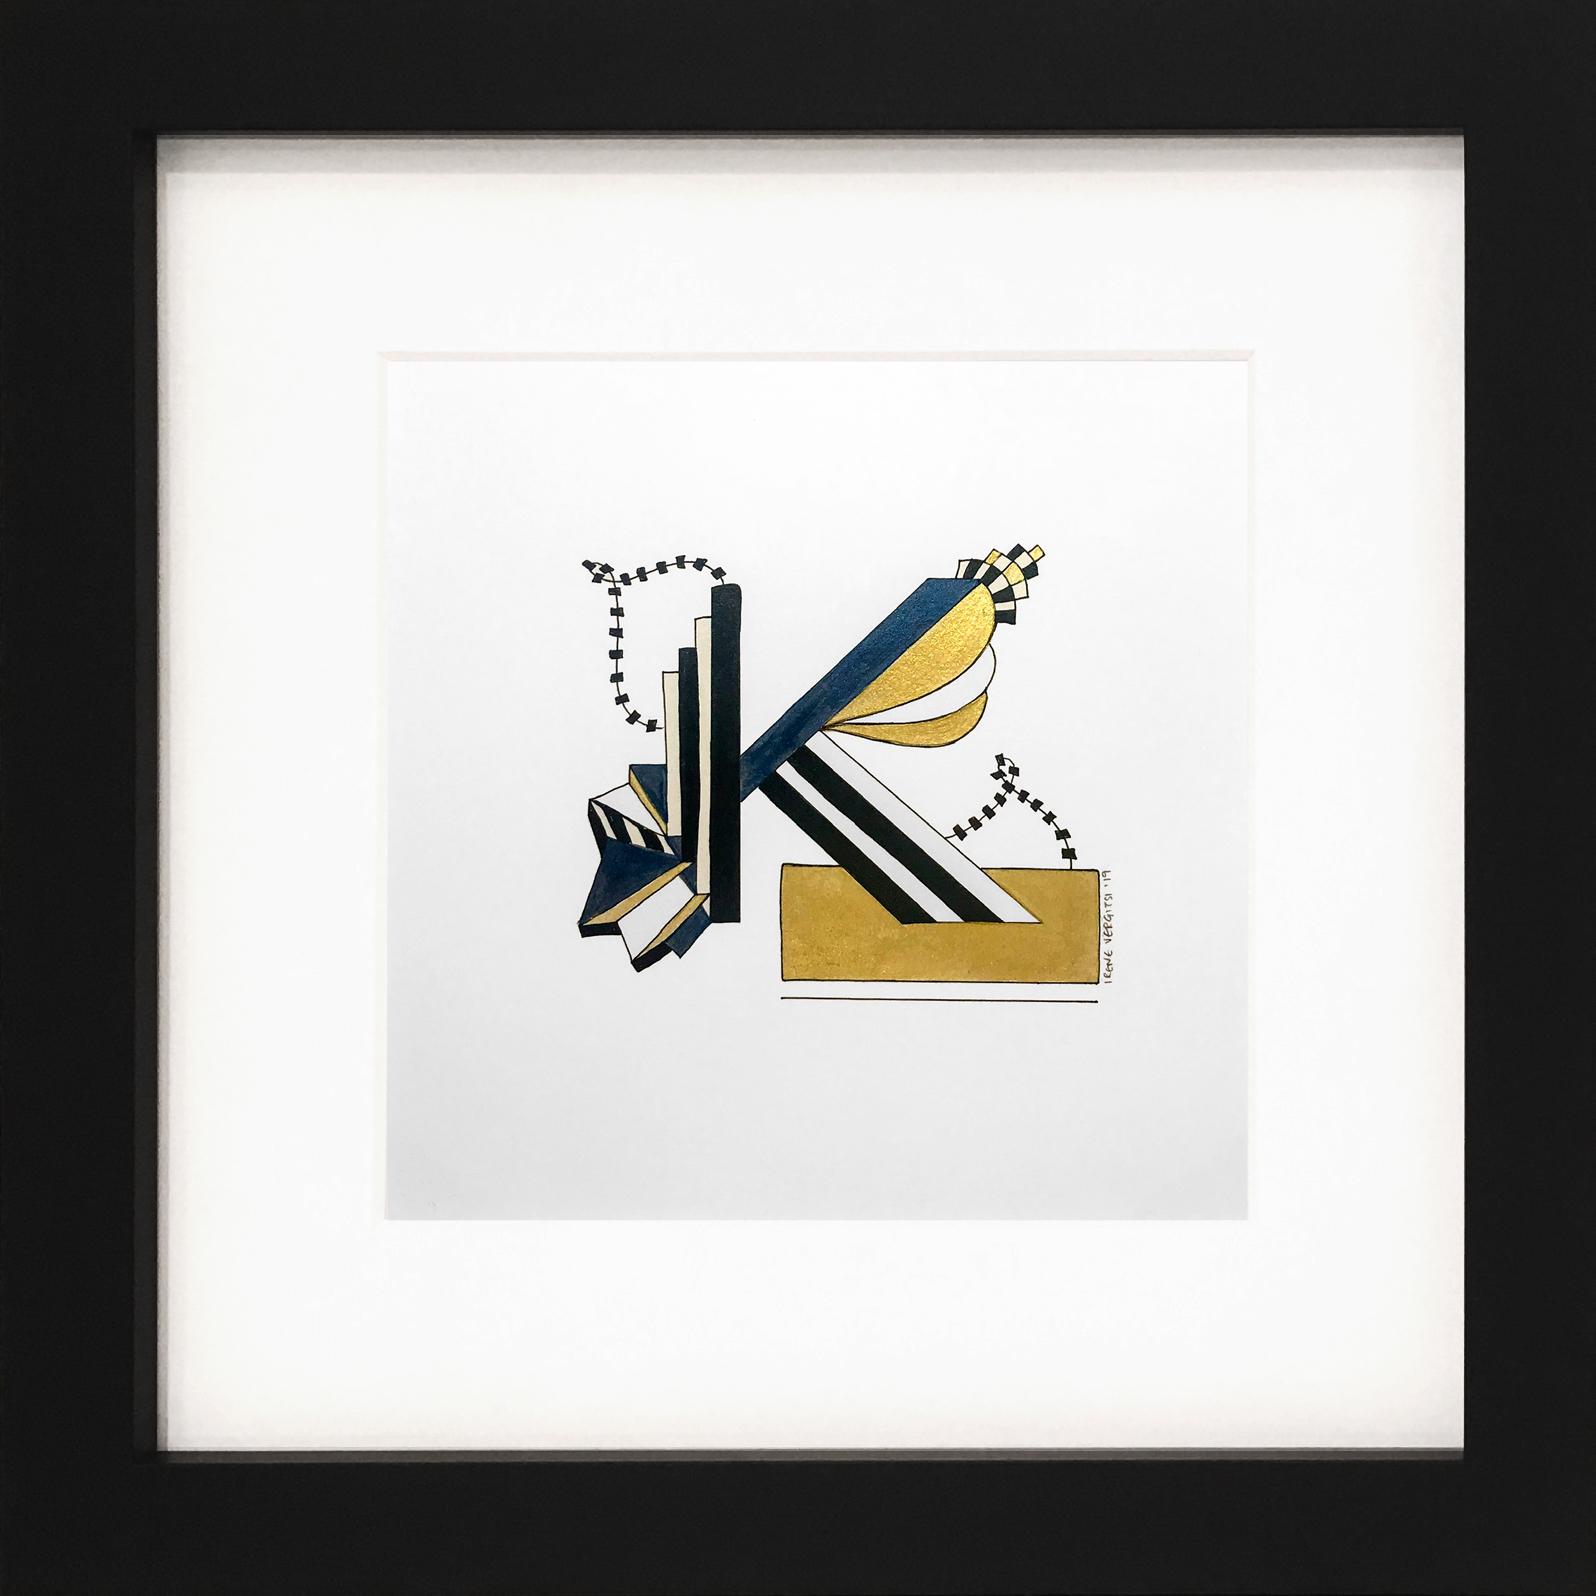 .K_1 in frame